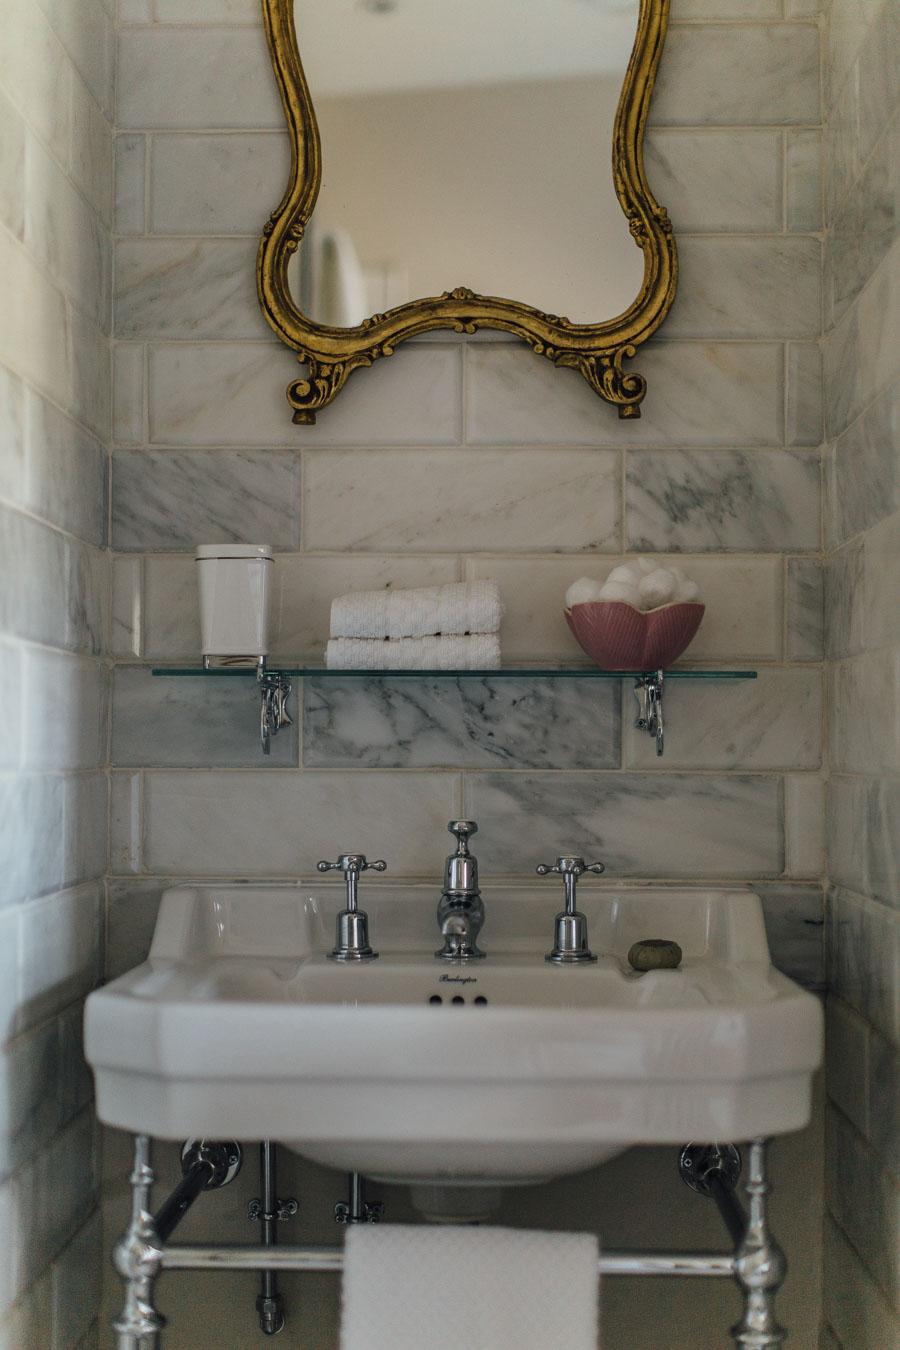 Vintage bathroom style at Battel Hall